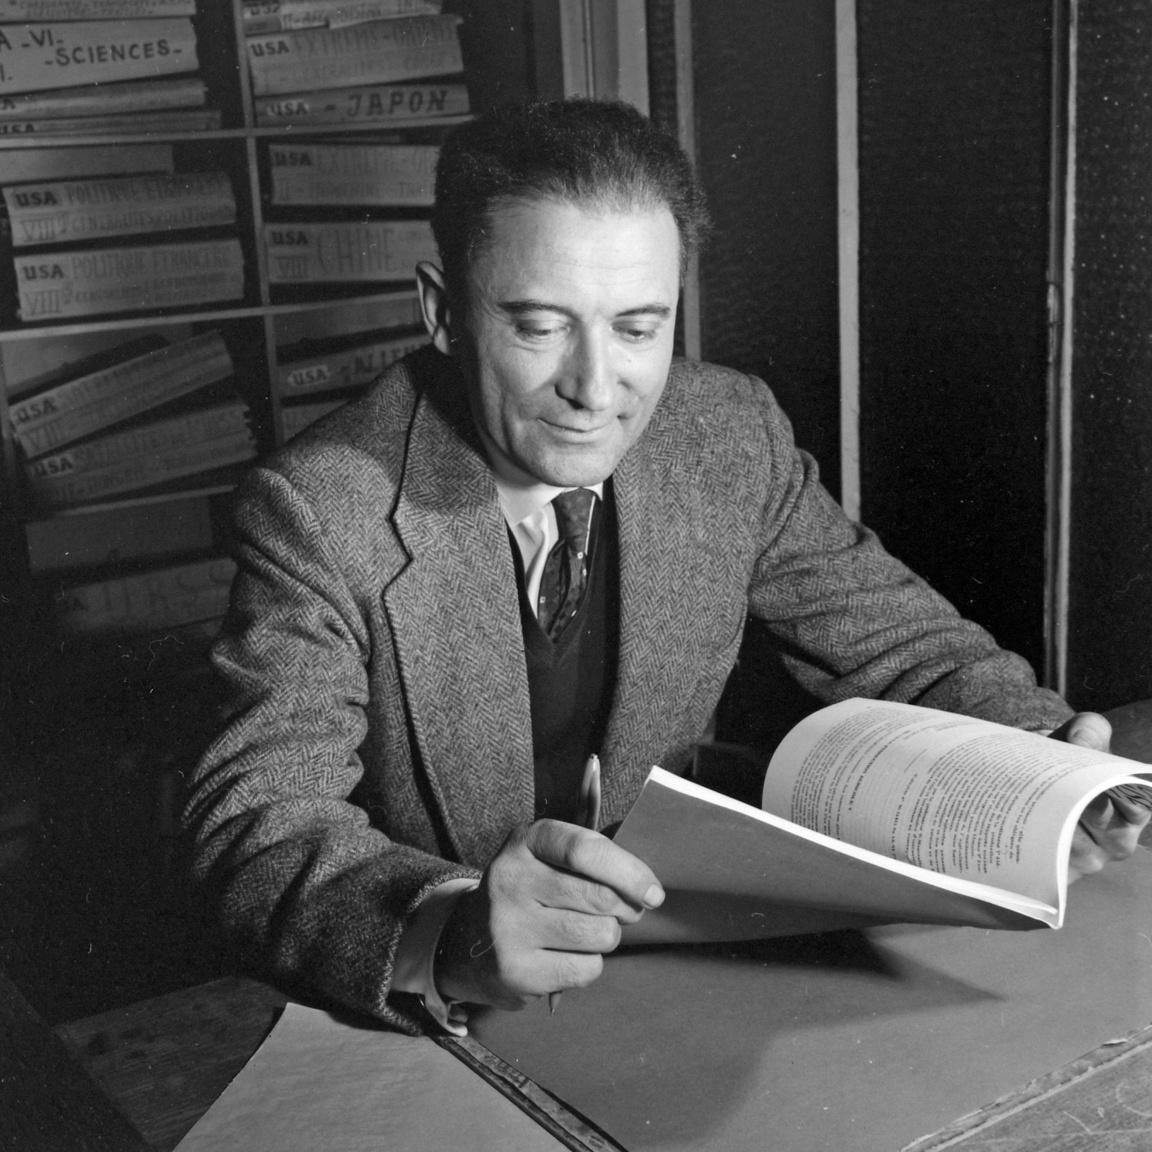 """A publicista és történész Fejtő Ferenc (1909-2008) az AFP francia hírügynökség szerkesztőségében. Fejtő a harmincas évek óta élt Franciaországban, kétszer annyit Párizsban, mint Budapesten és Nagykanizsán. A """"Század Utasa"""" számtalan, Nyugaton népszerű könyvet és tanulmányt írt az 1956-os forradalomról. Négy évtized után, Nagy Imre és társainak újratemetésén járt először Magyarországon."""